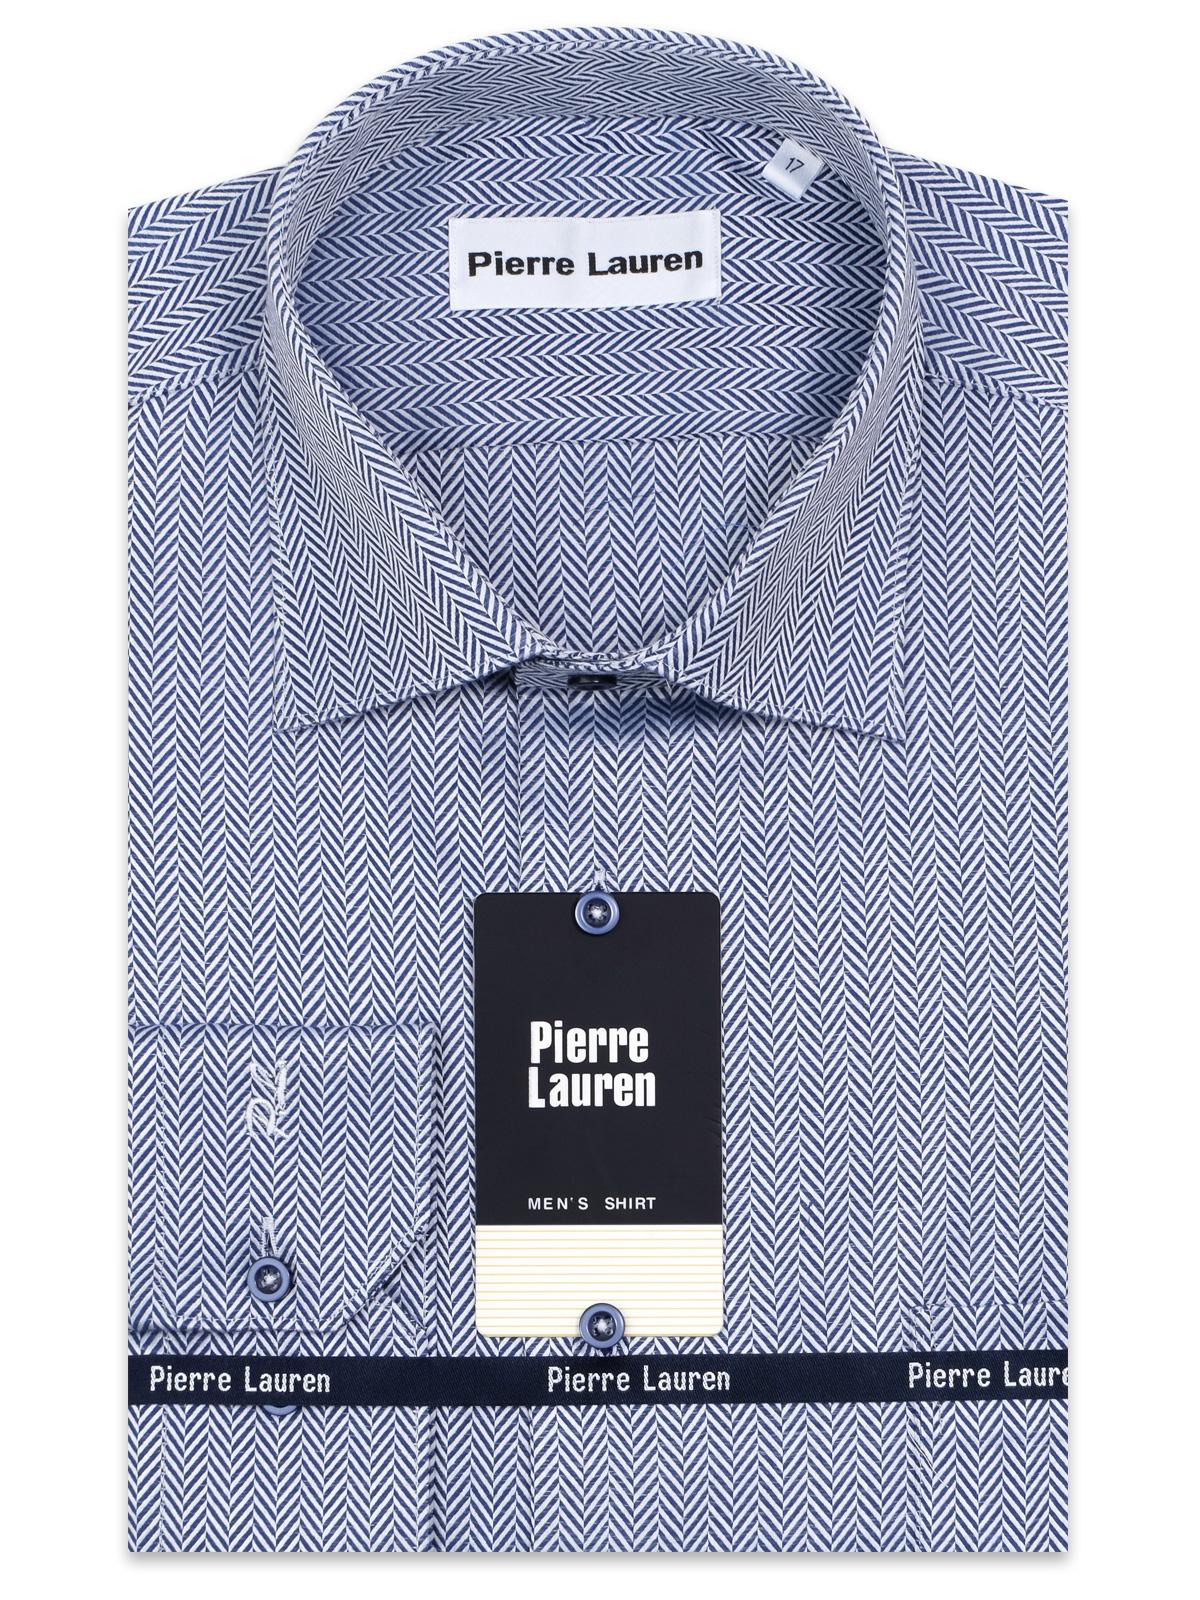 Сорочка PIERRE LAUREN  (CLASSIC) арт.-1623Трц